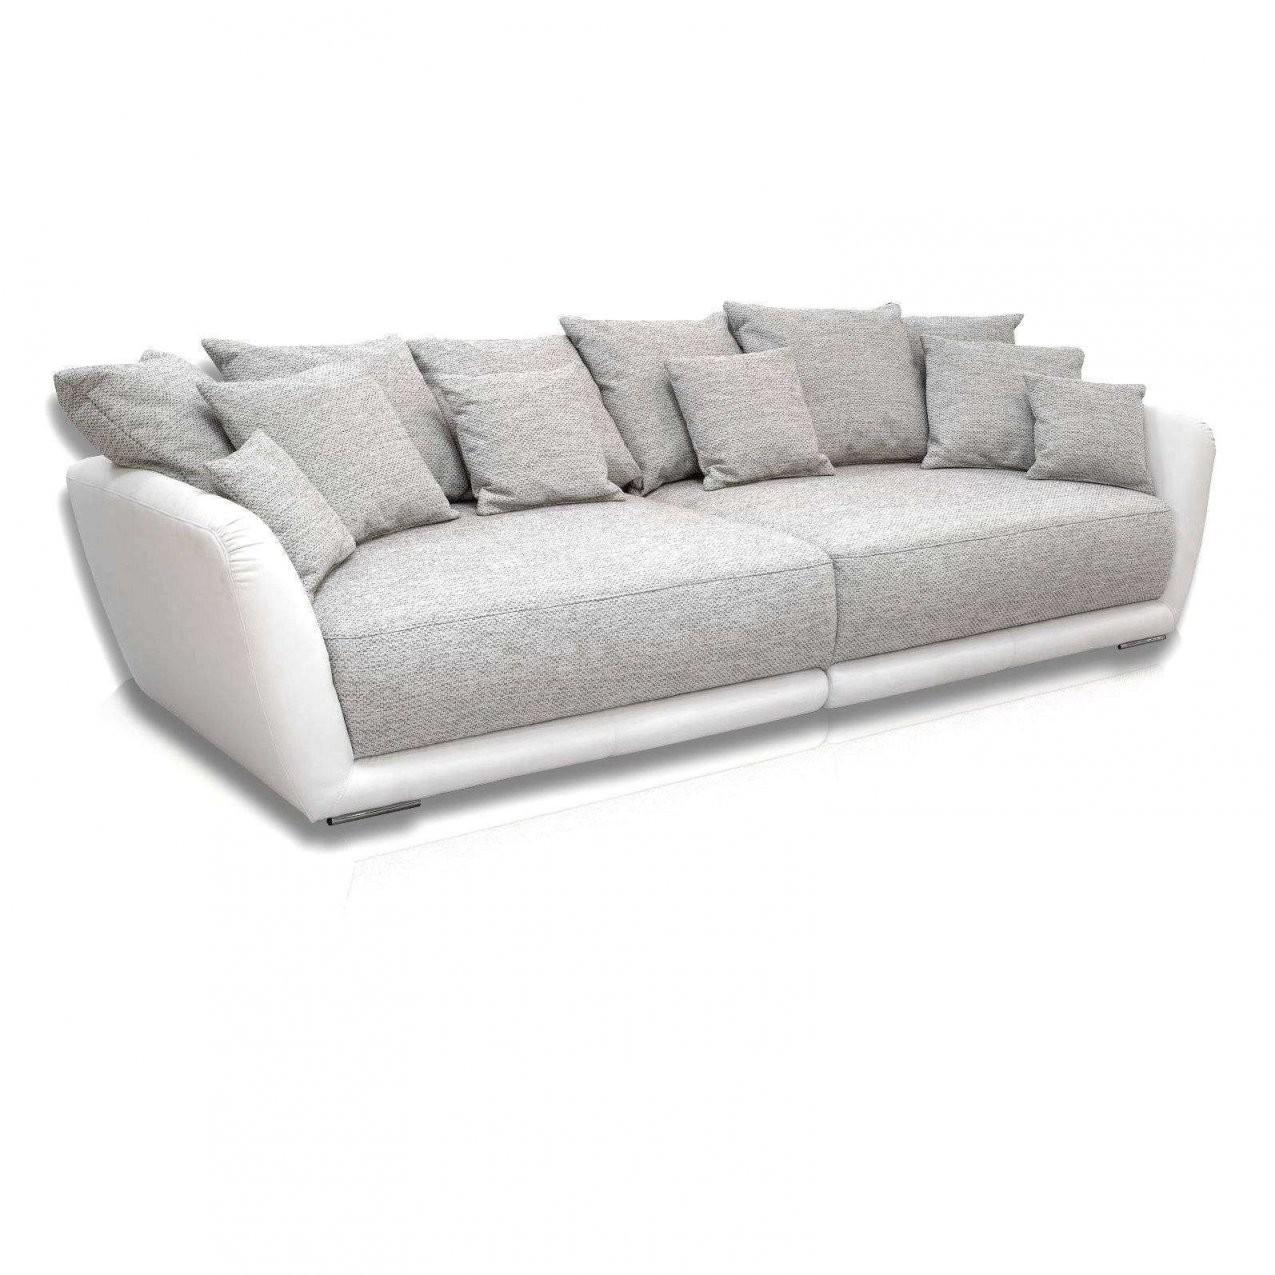 Ecksofa Günstig Luxus Sofa Bettfunktion Beste Ledersofa Ausziehbar von Couch Mit Bettfunktion Günstig Bild